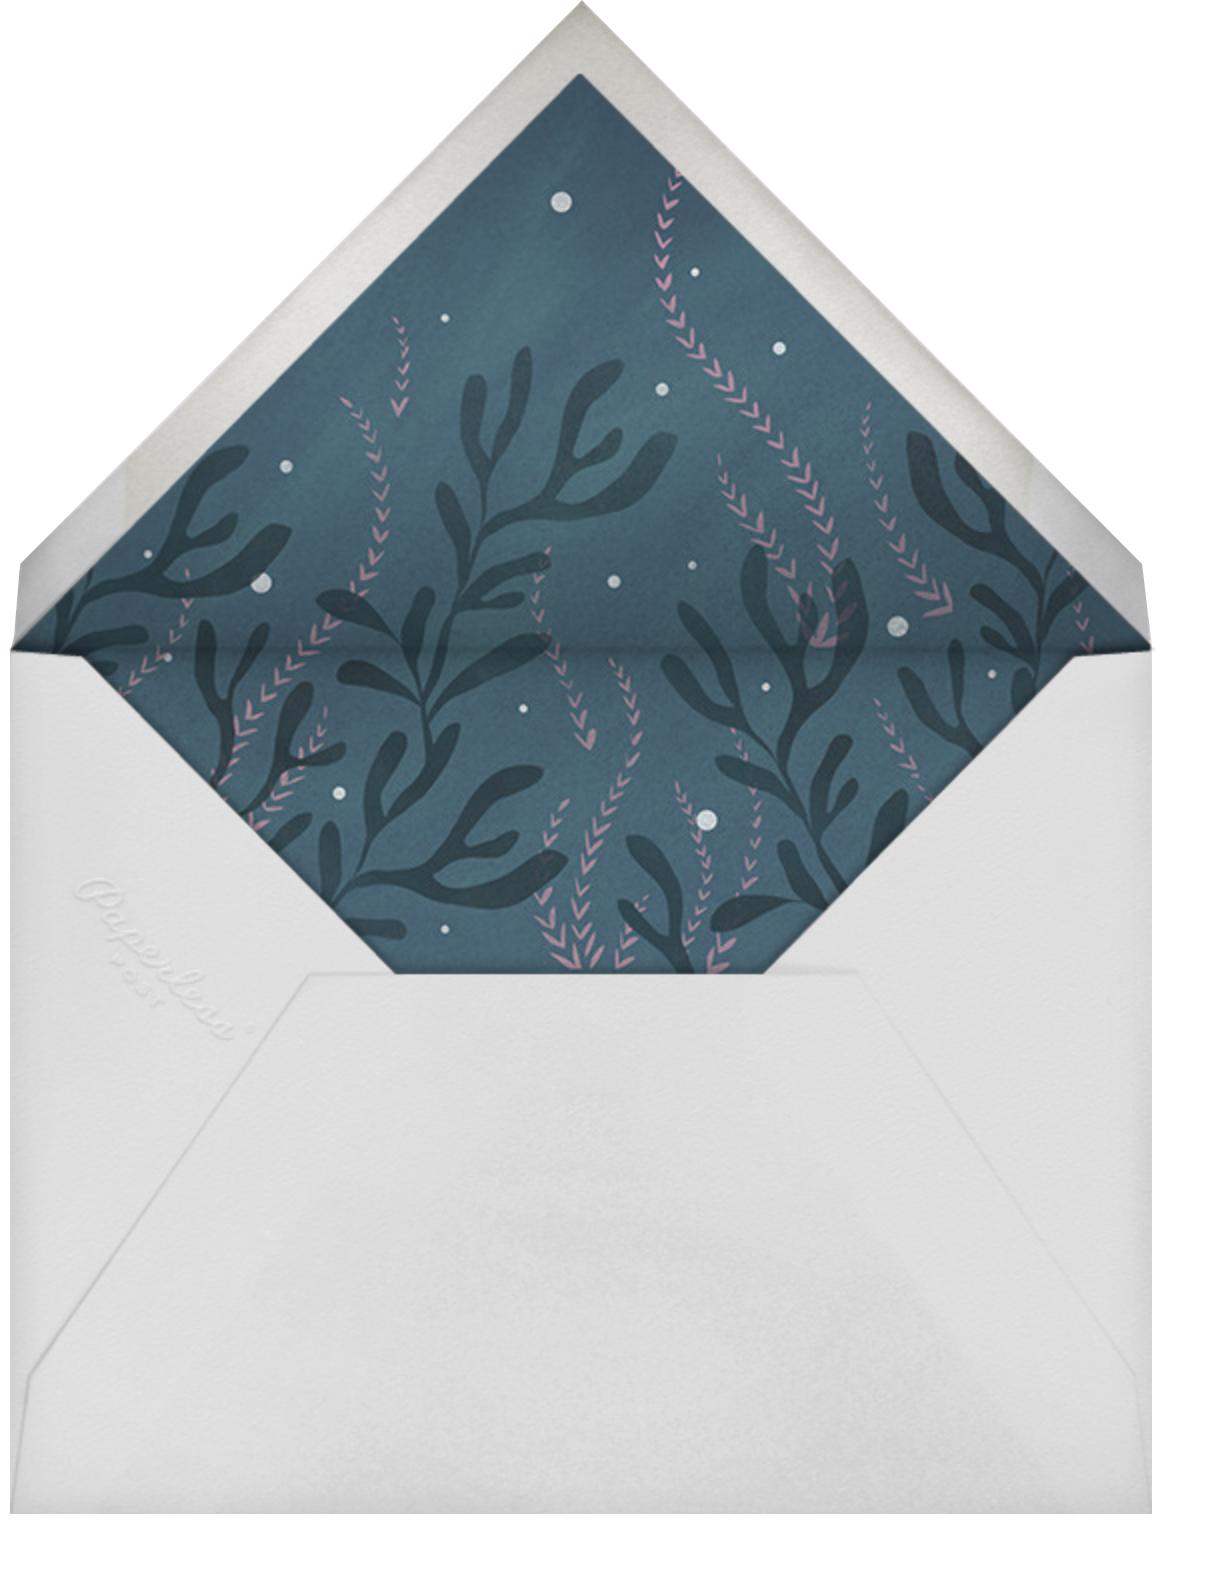 Mermaid Hideaway - Tan - Paperless Post - Envelope